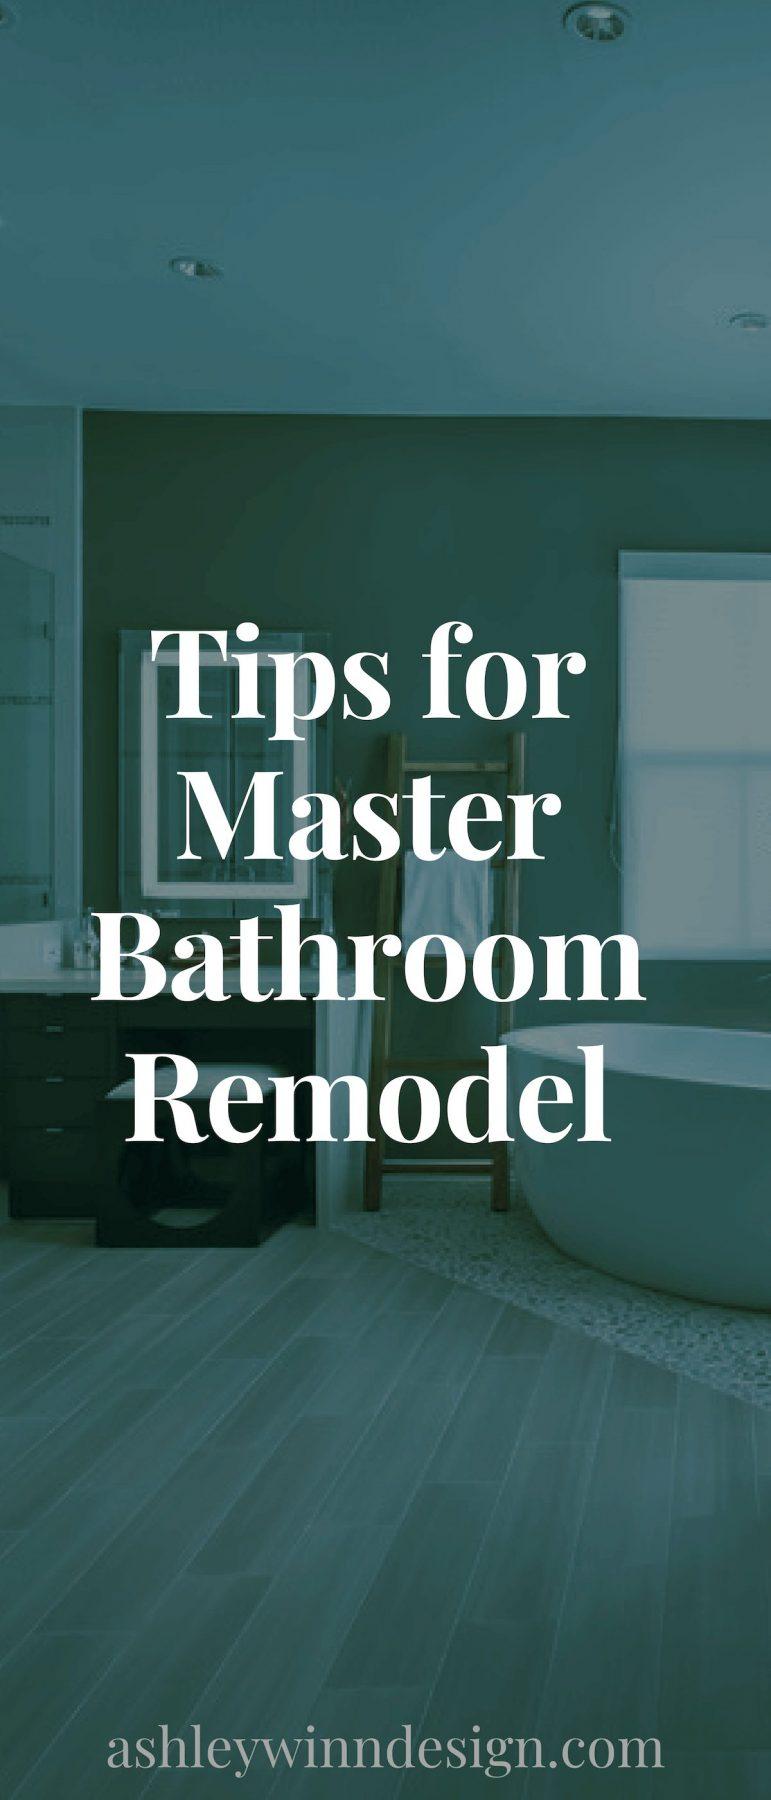 tips for master bathroom remodel